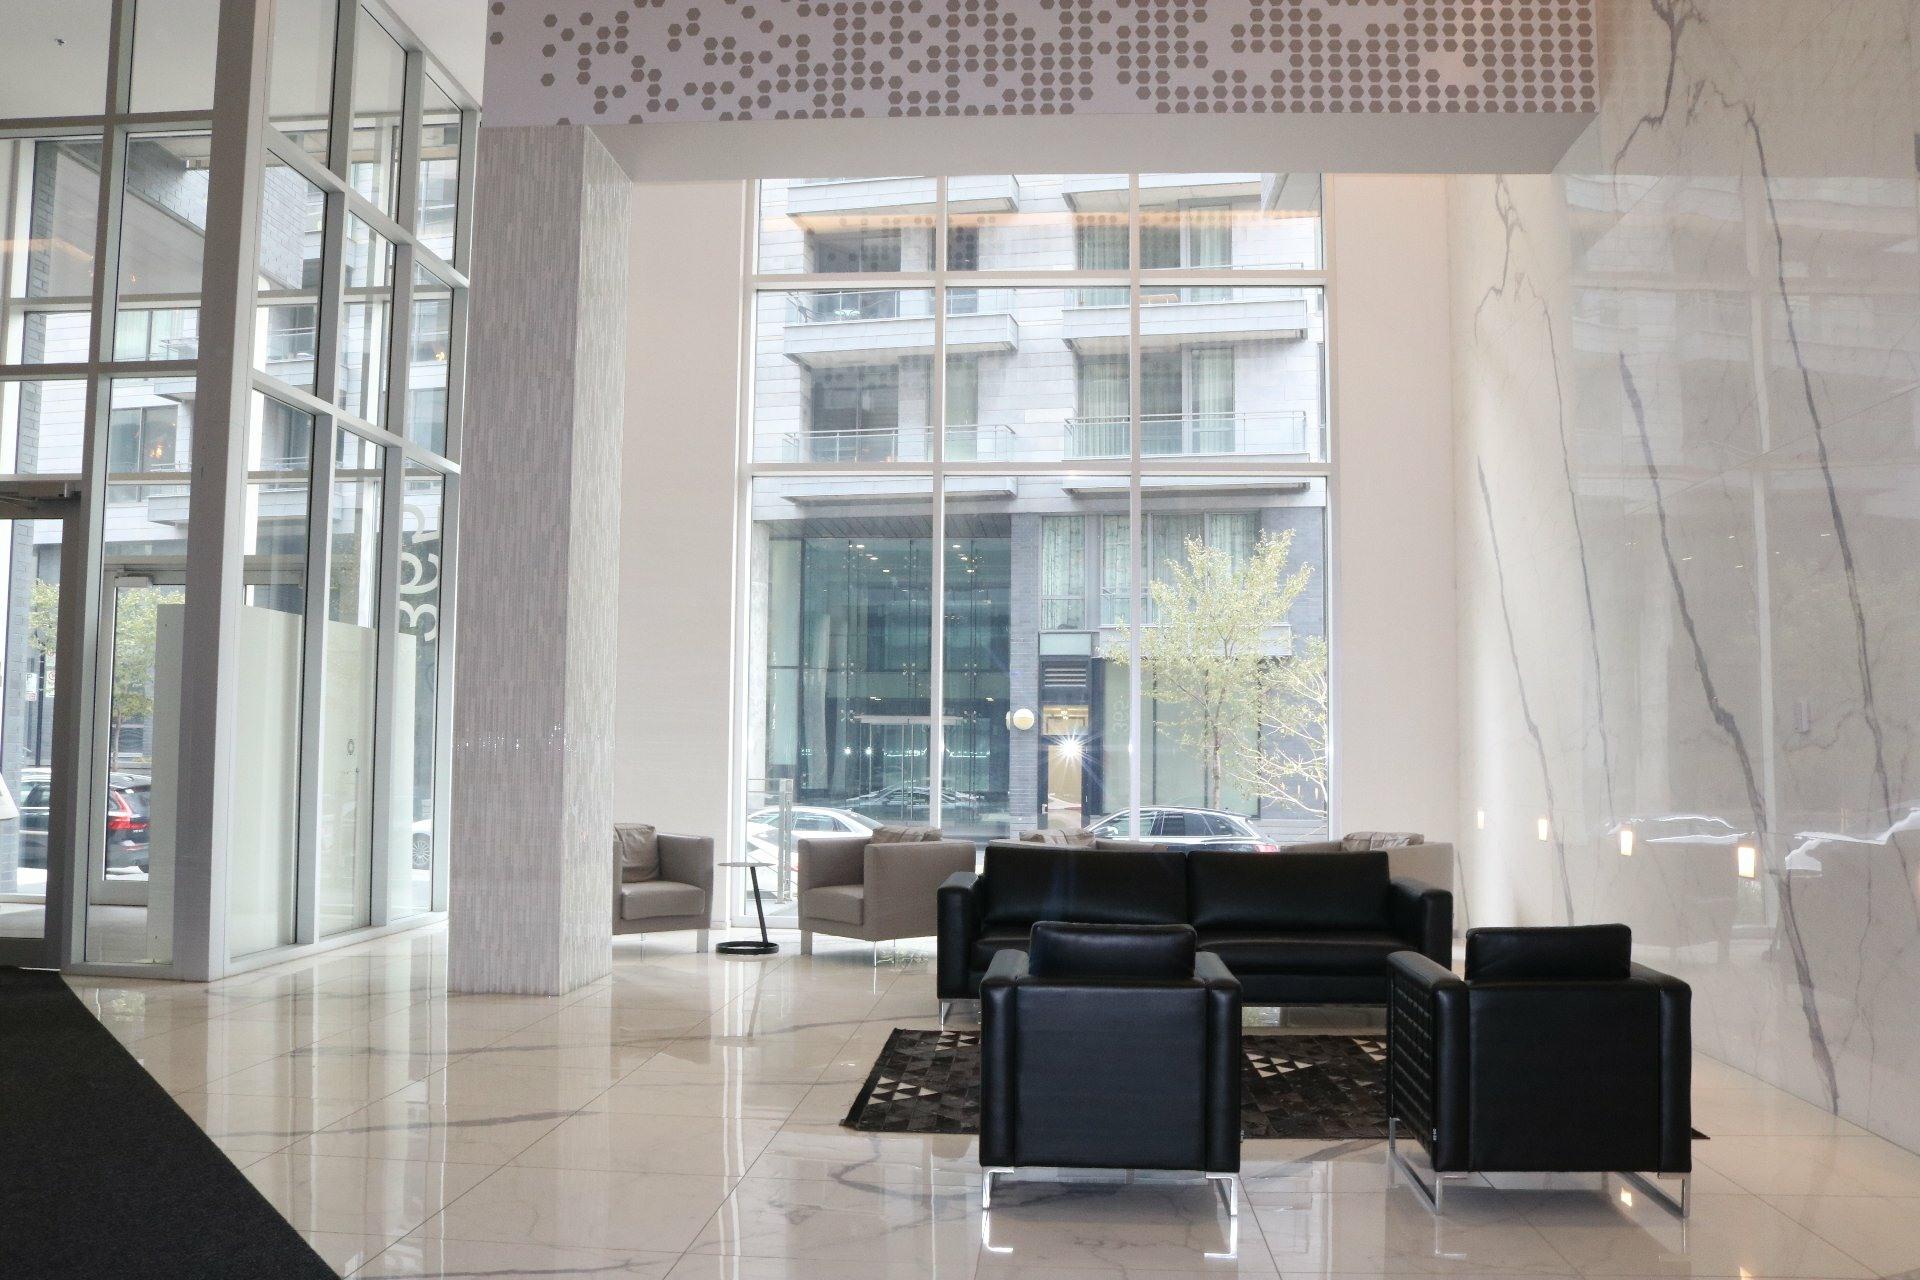 image 17 - Appartement À louer Ville-Marie Montréal  - 4 pièces